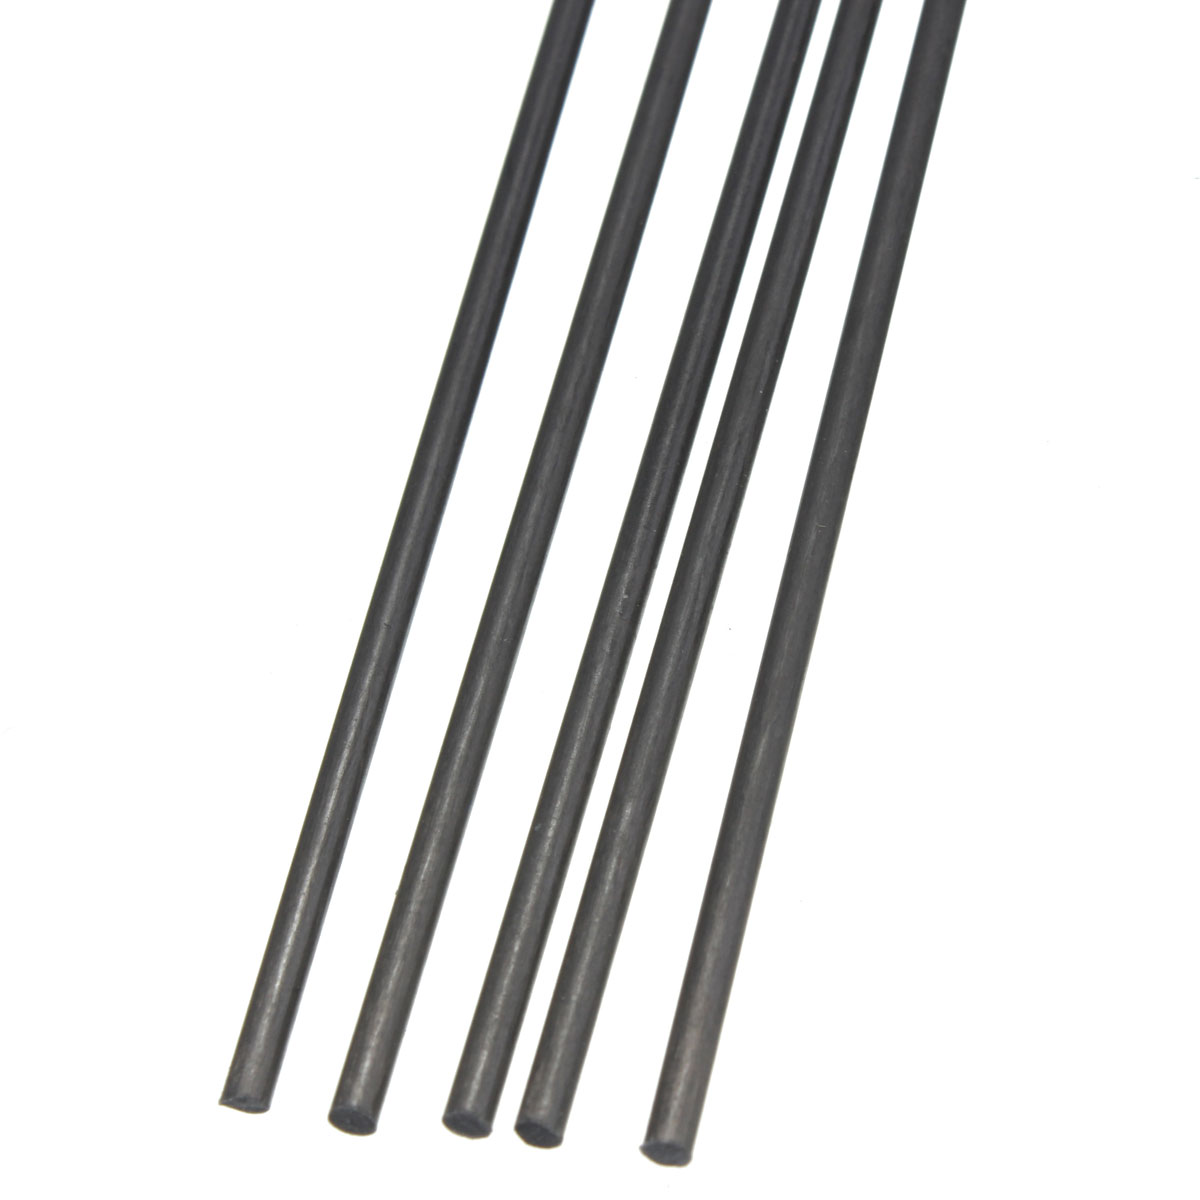 цена на 5Pcs Carbon Fiber Rods For RC Airplane Matte Pole 2mm Diameter x 500mm